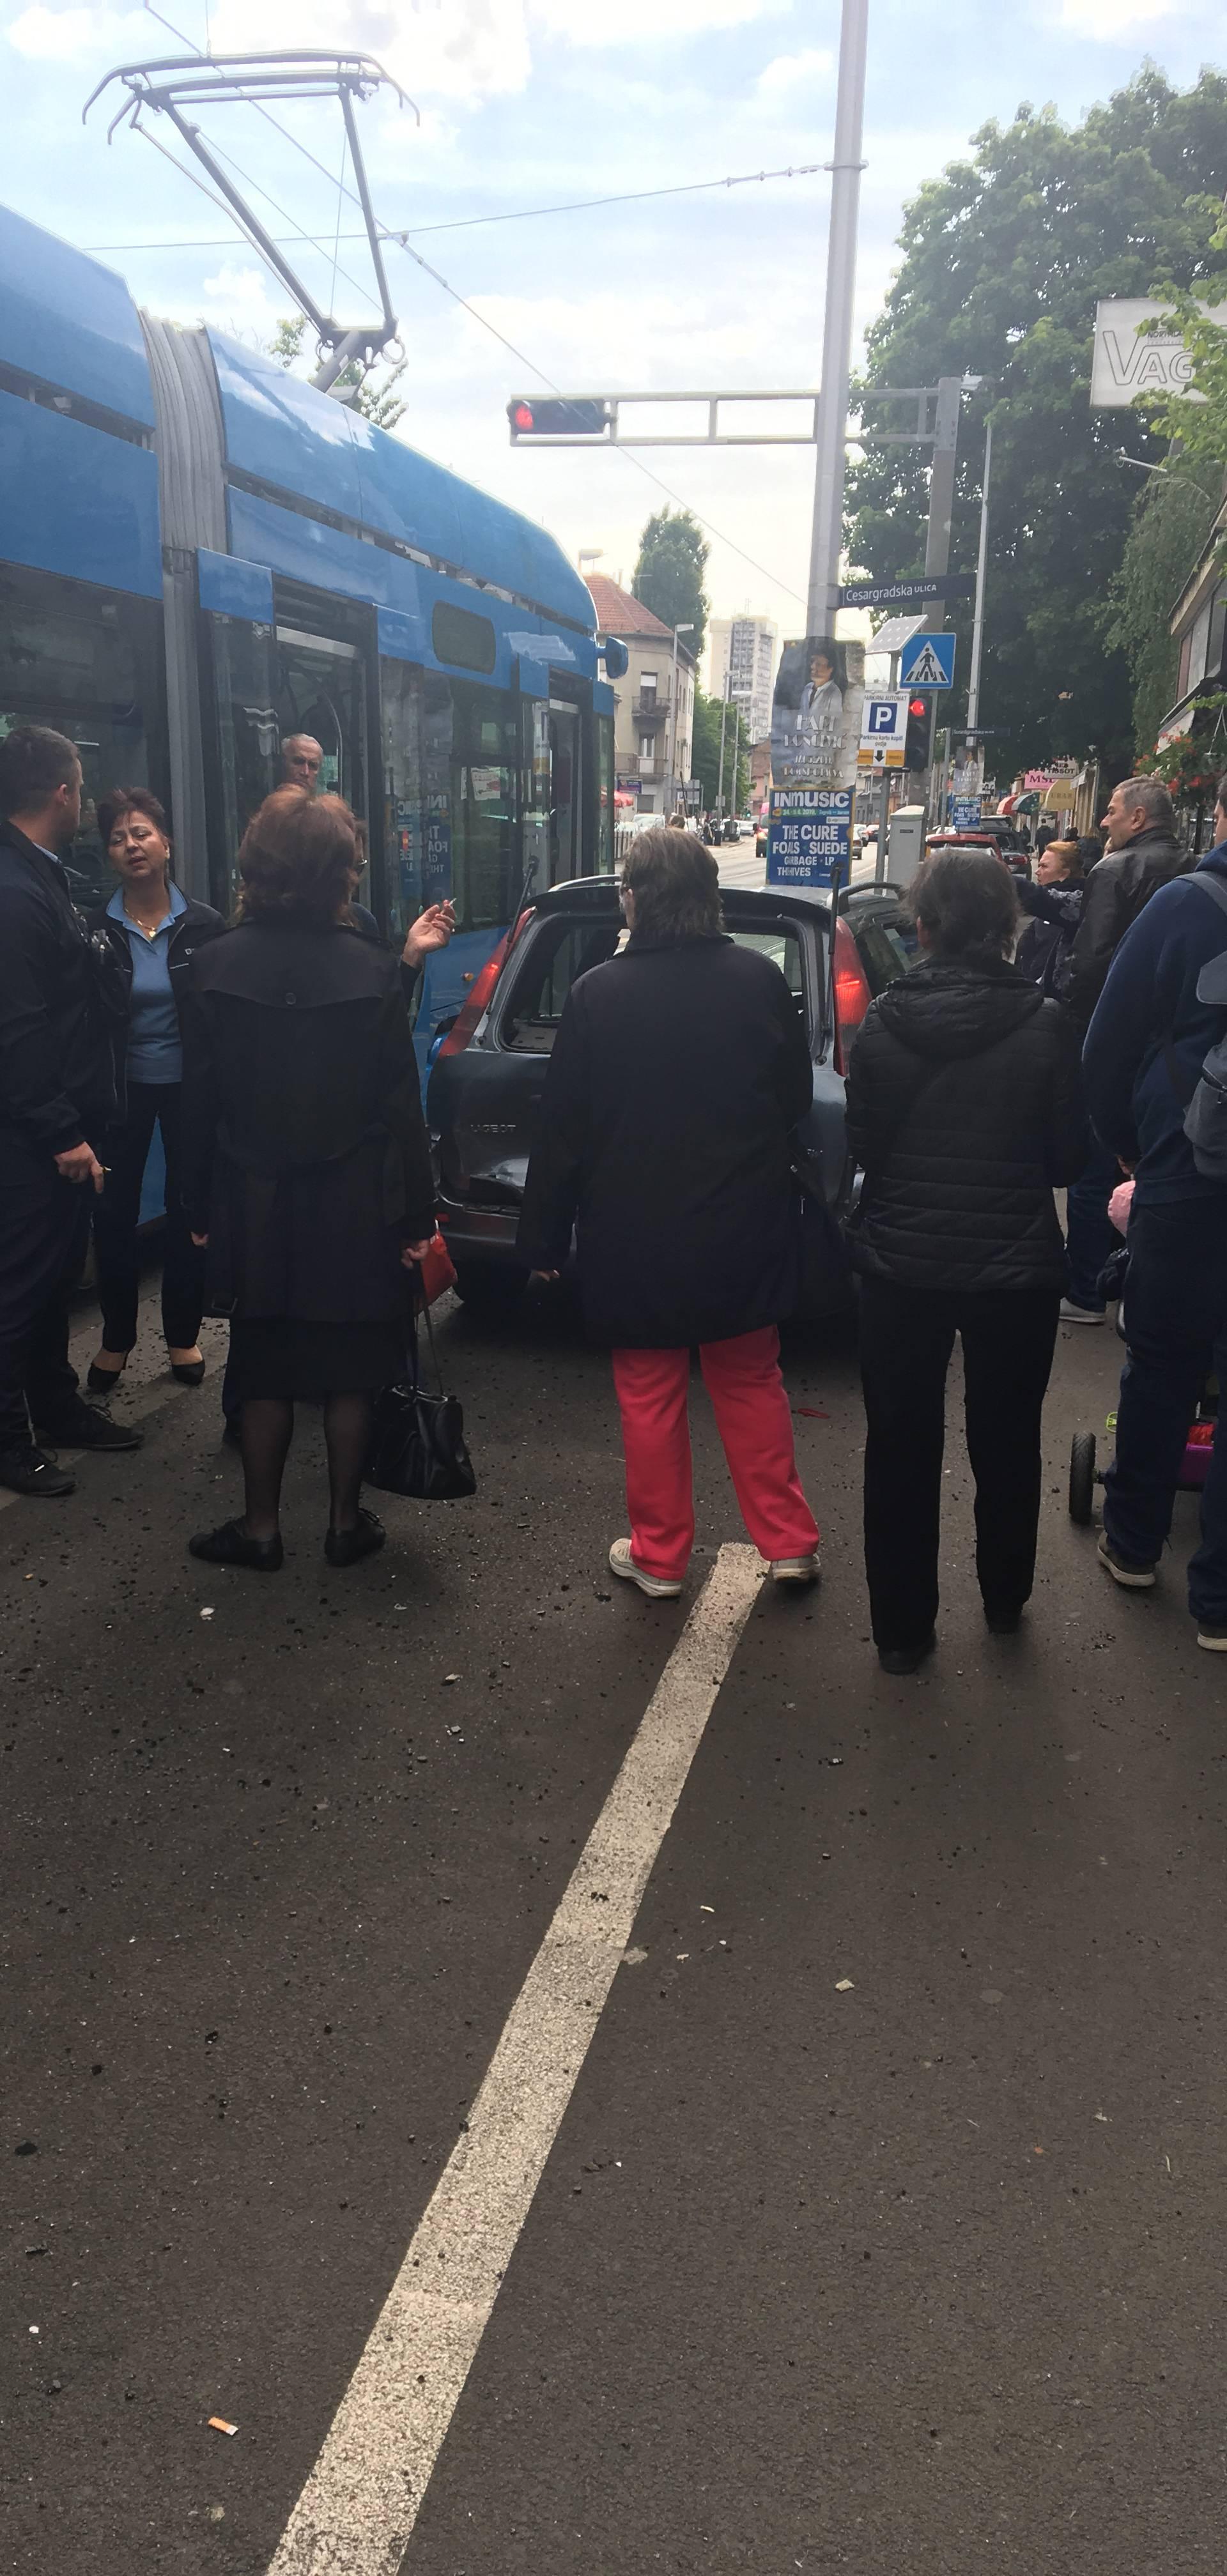 Sudarili se automobil i ZET-ov tramvaj: Nitko nije ozlijeđen...